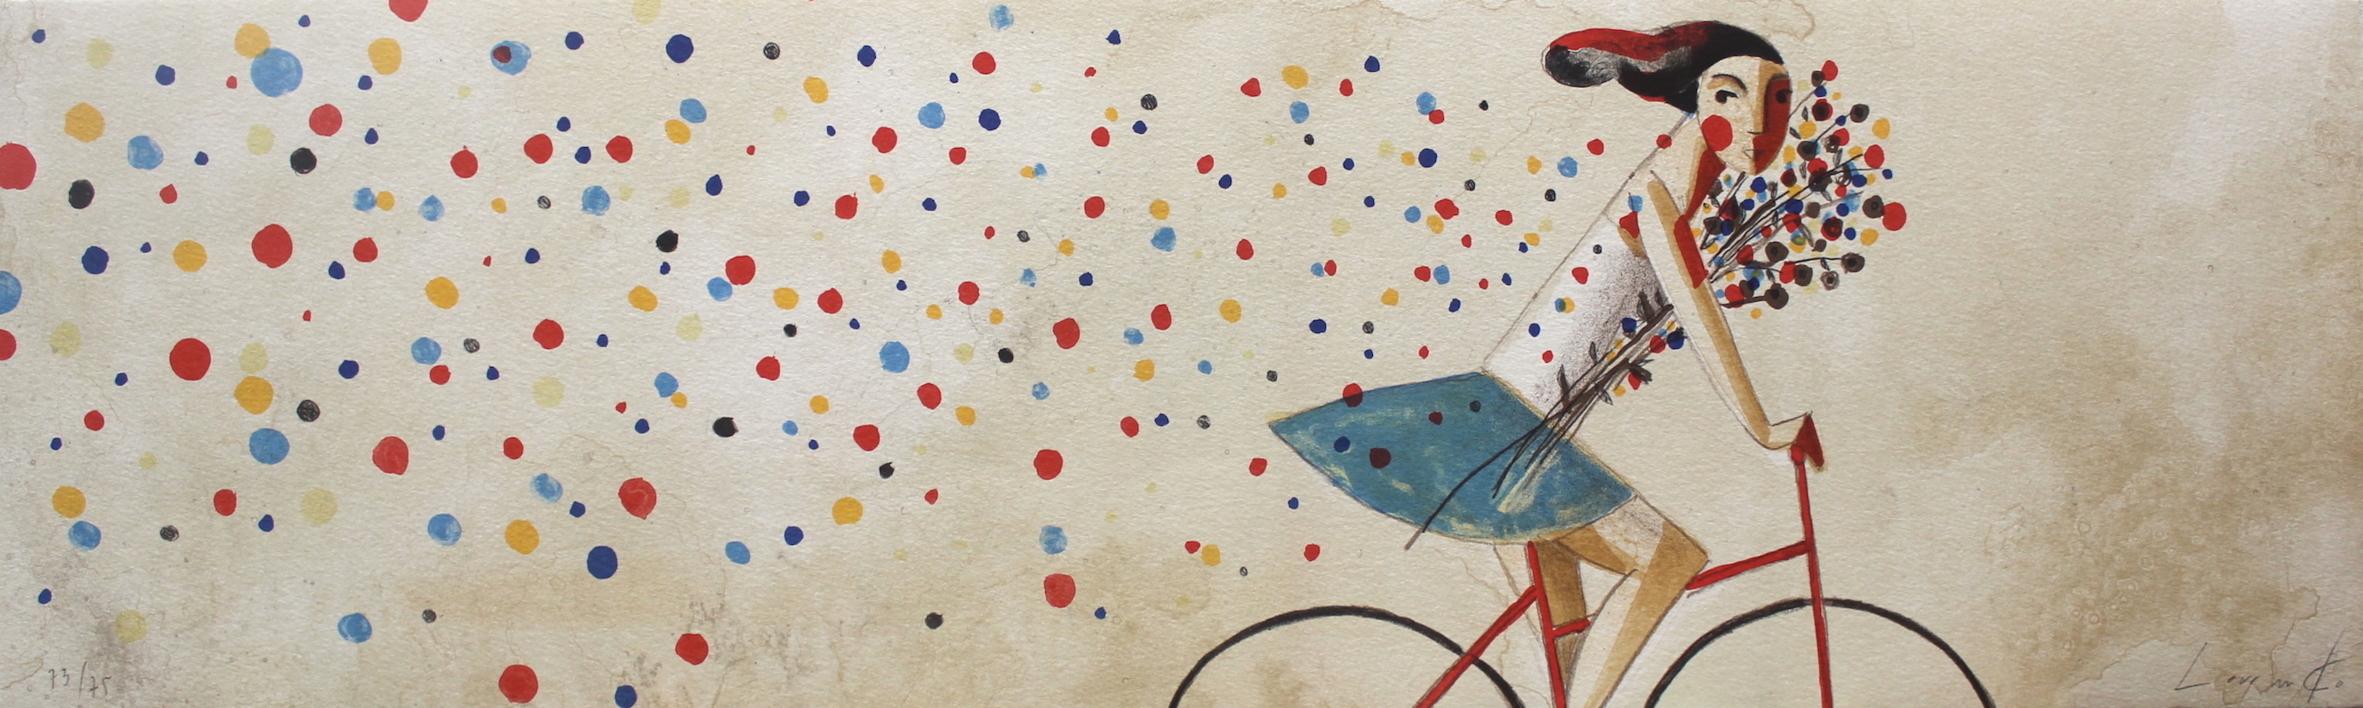 Colores |Obra gráfica de Didier Lourenço | Compra arte en Flecha.es